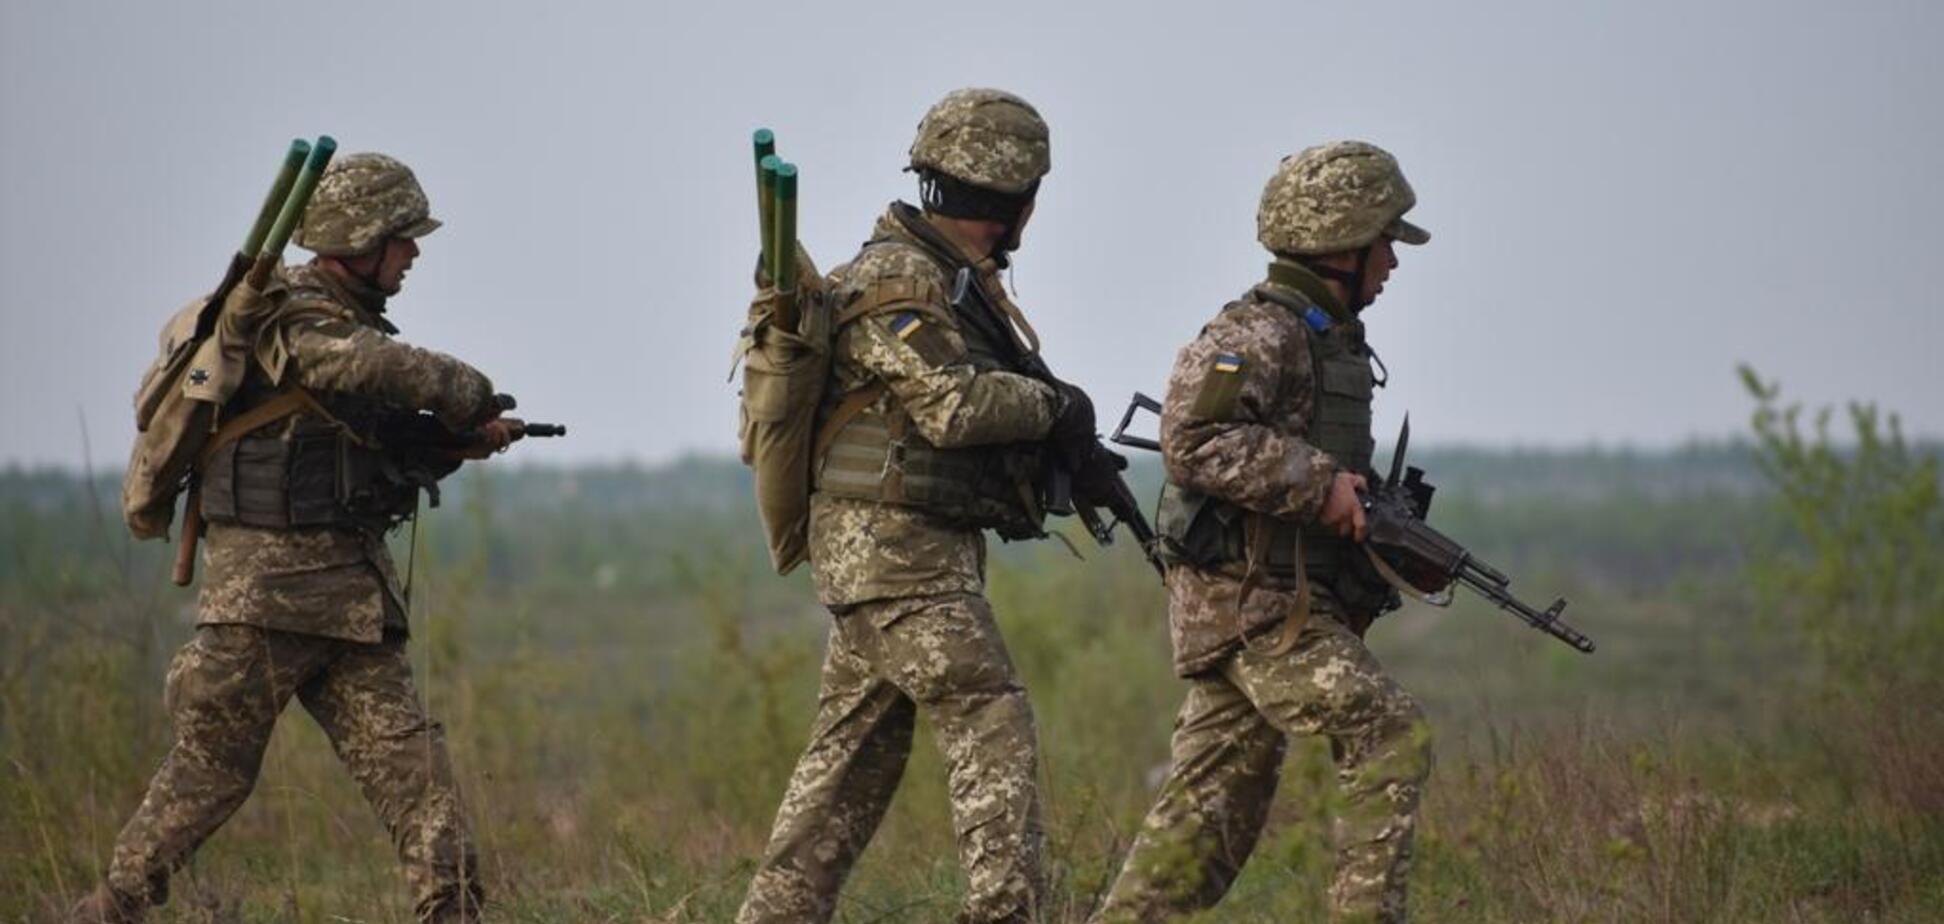 Война за независимость: 'Л/ДНР' пошли на кровавые провокации на Донбассе